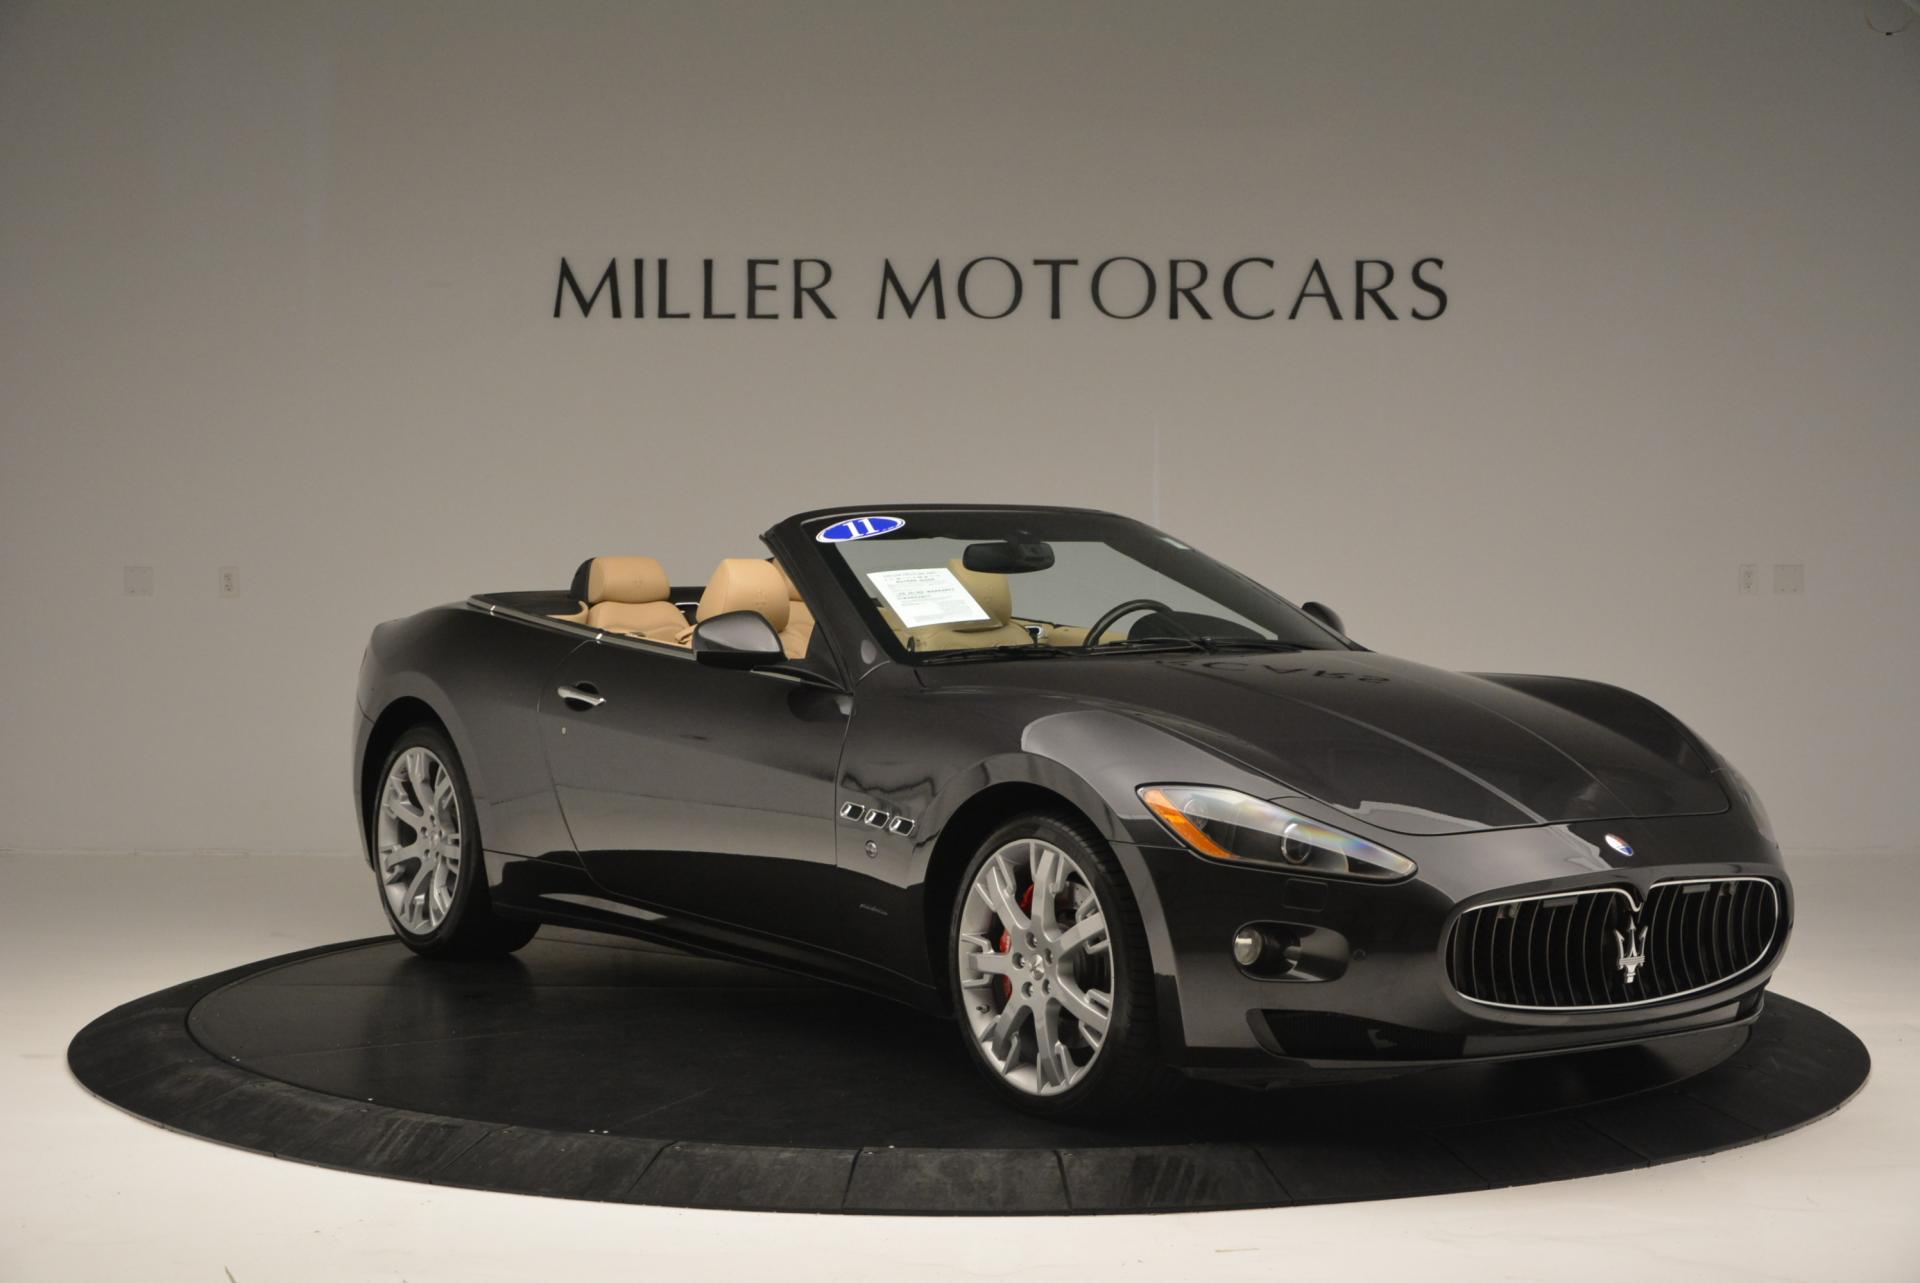 Used 2011 Maserati GranTurismo Base For Sale In Greenwich, CT 158_p11